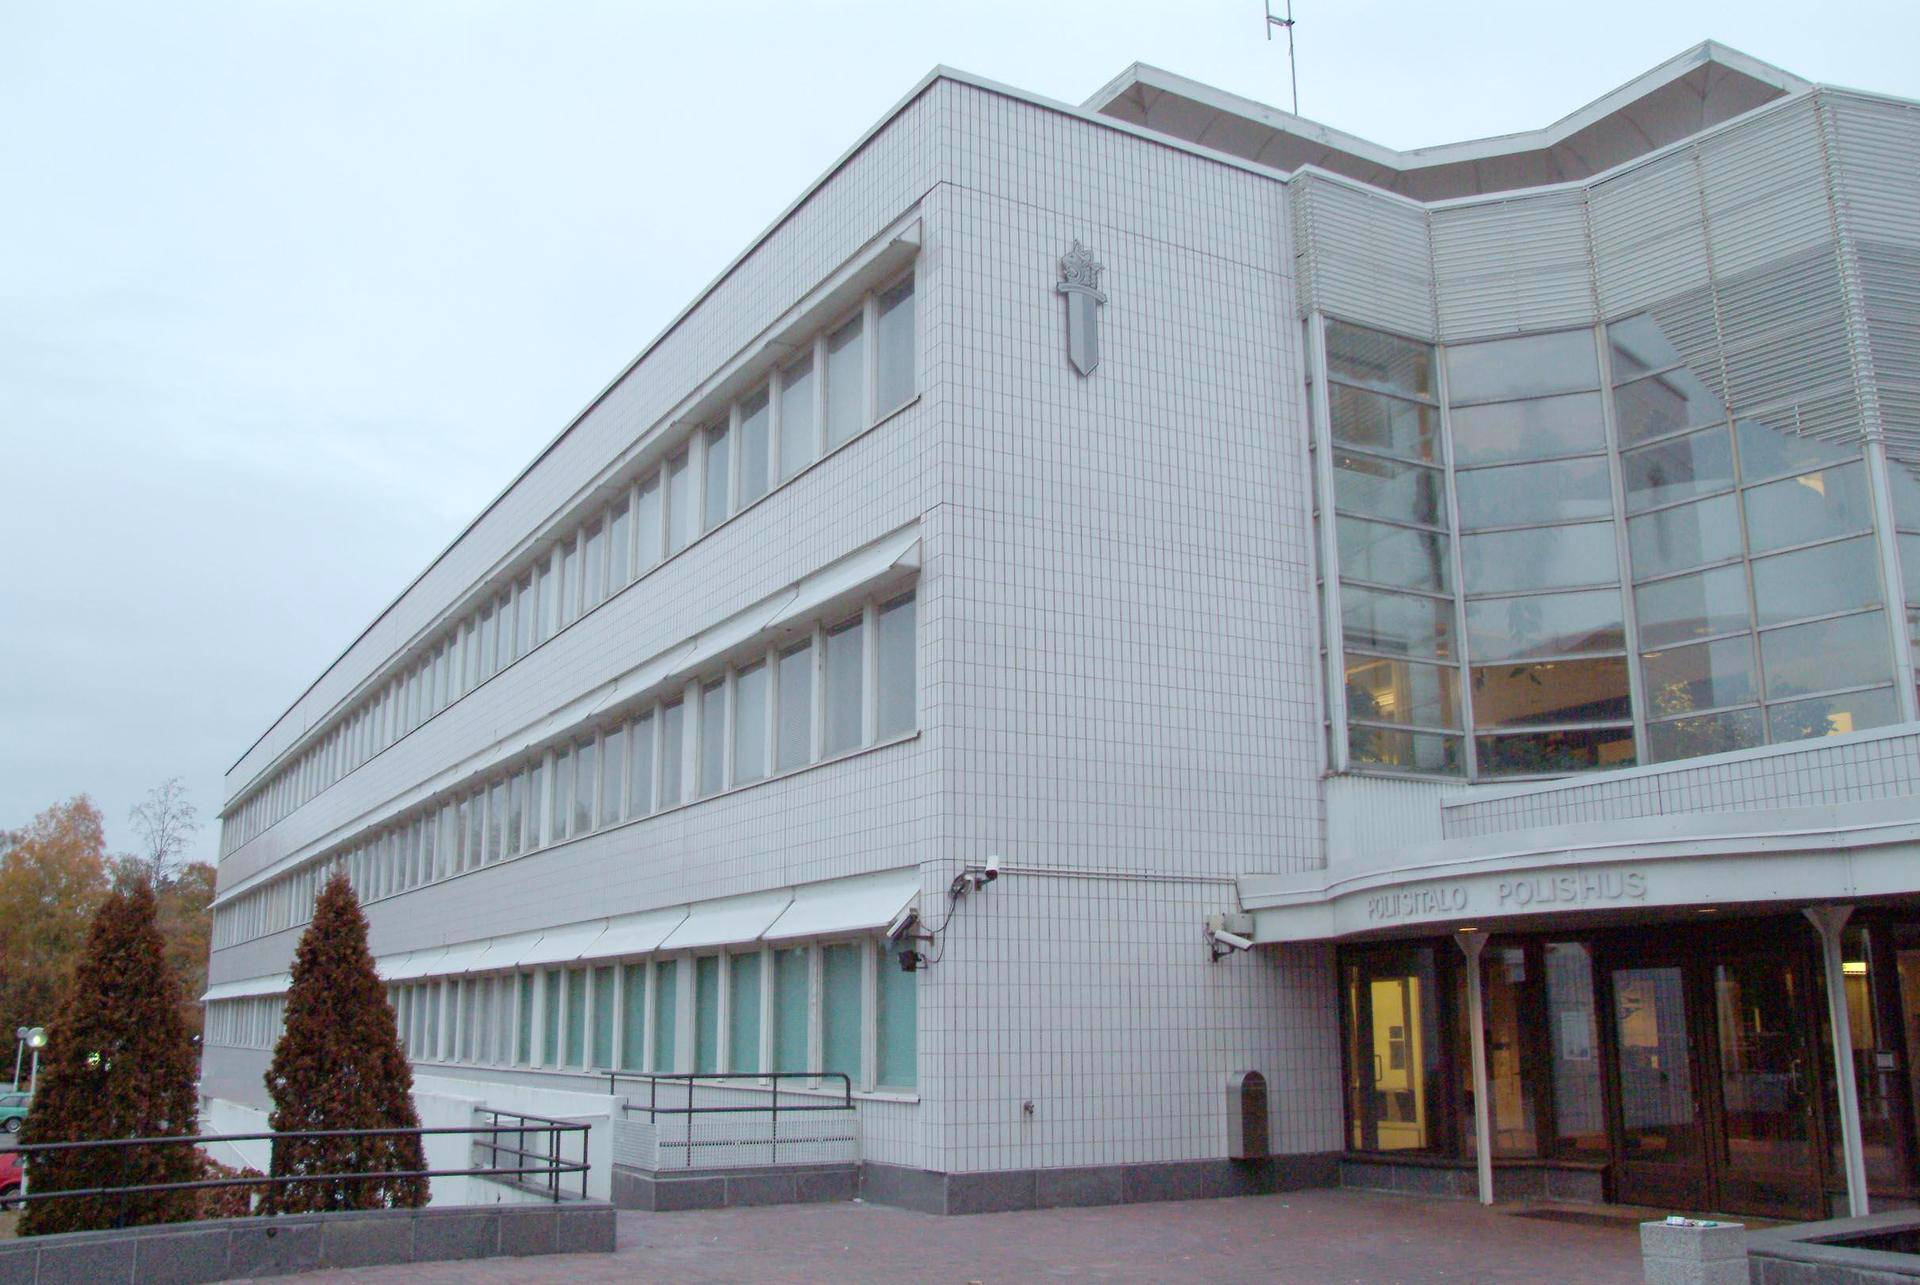 Vantaan Pääpoliisiasema